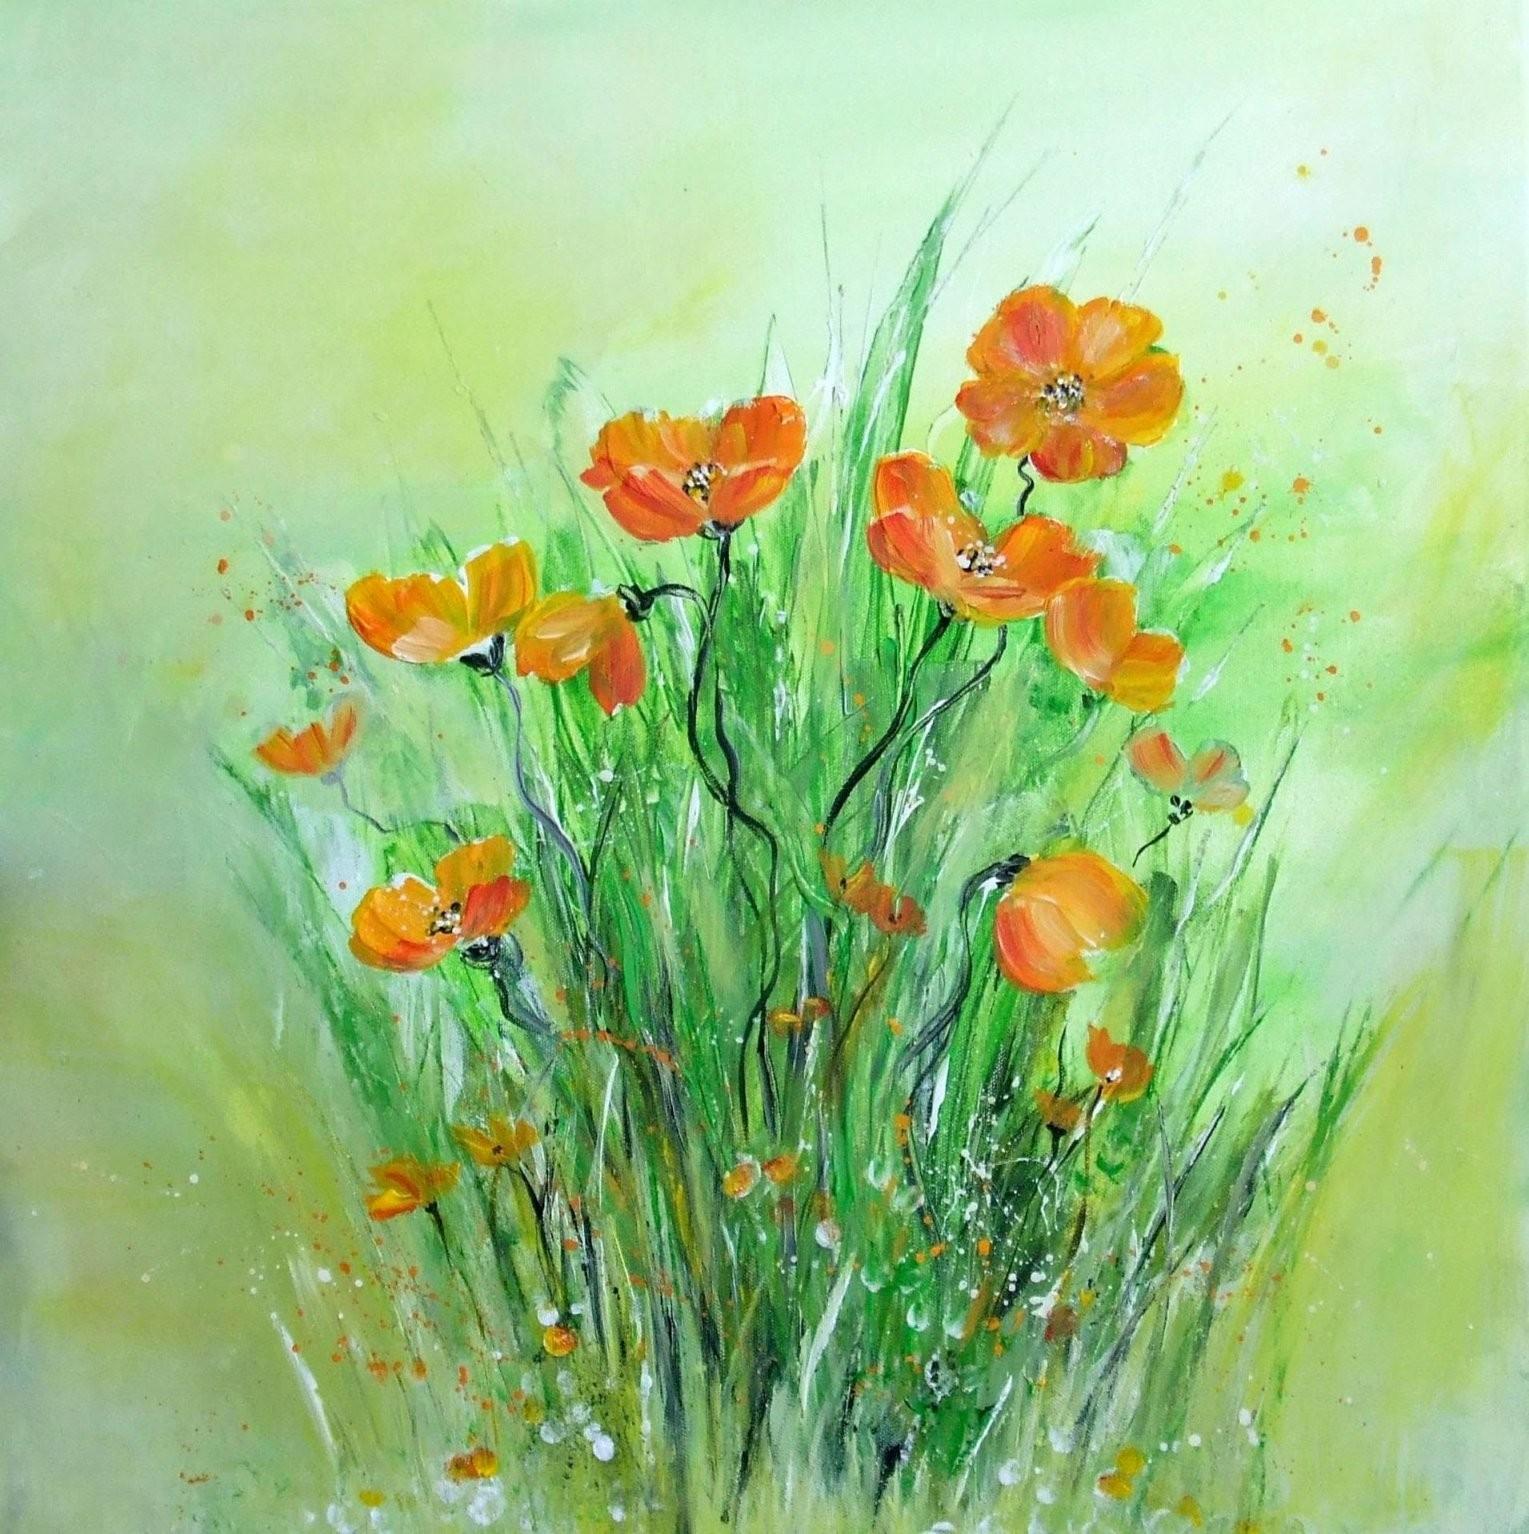 Acrylmalerei Für Anfänger Blumen Painting For Beginners Flowers von Bilder Selber Malen Mit Acryl Vorlagen Photo